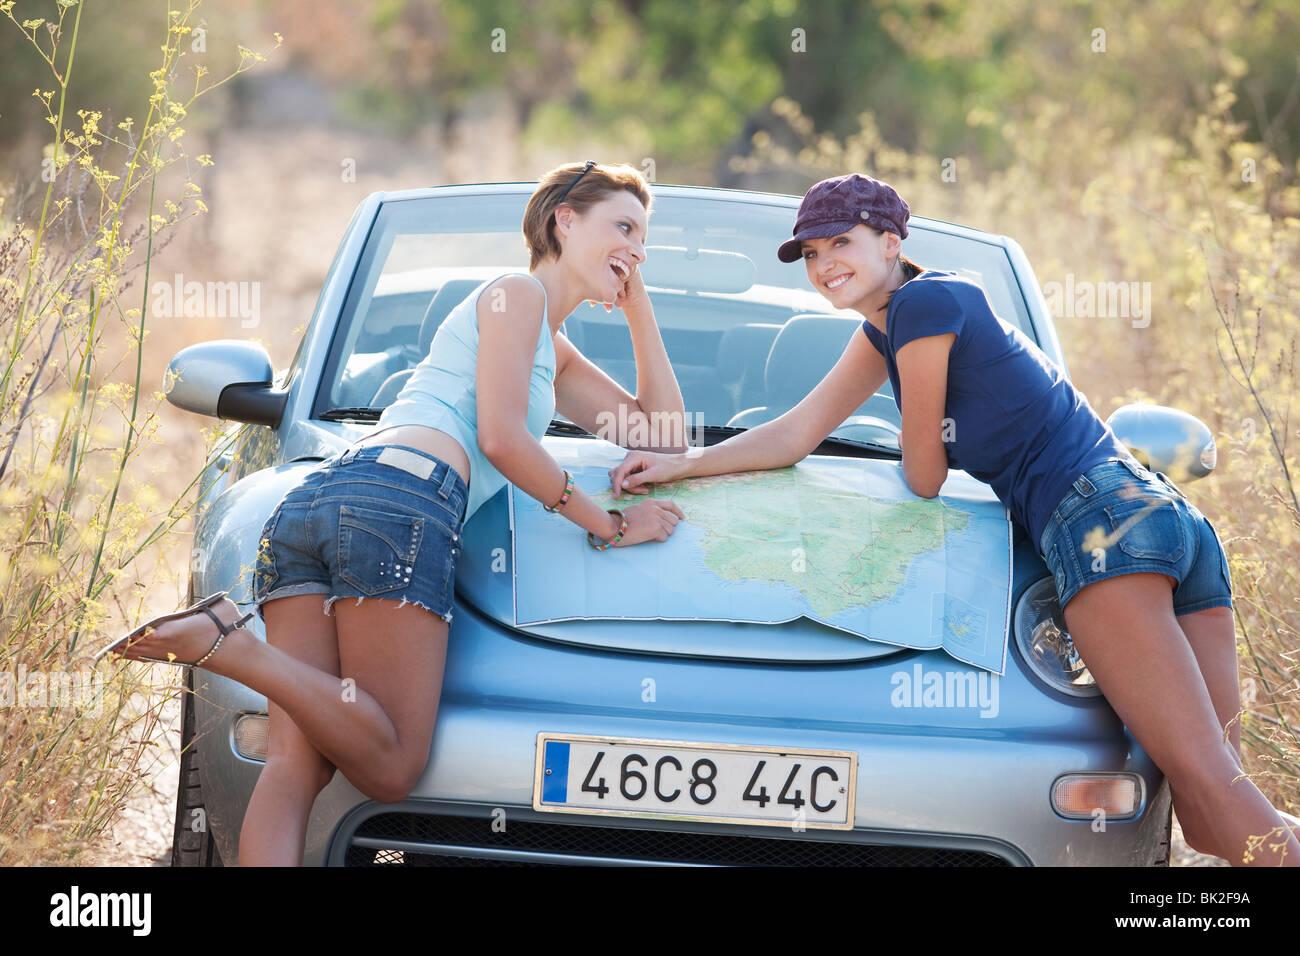 Deux femmes la lecture d'une carte sur un capot de voiture Photo Stock